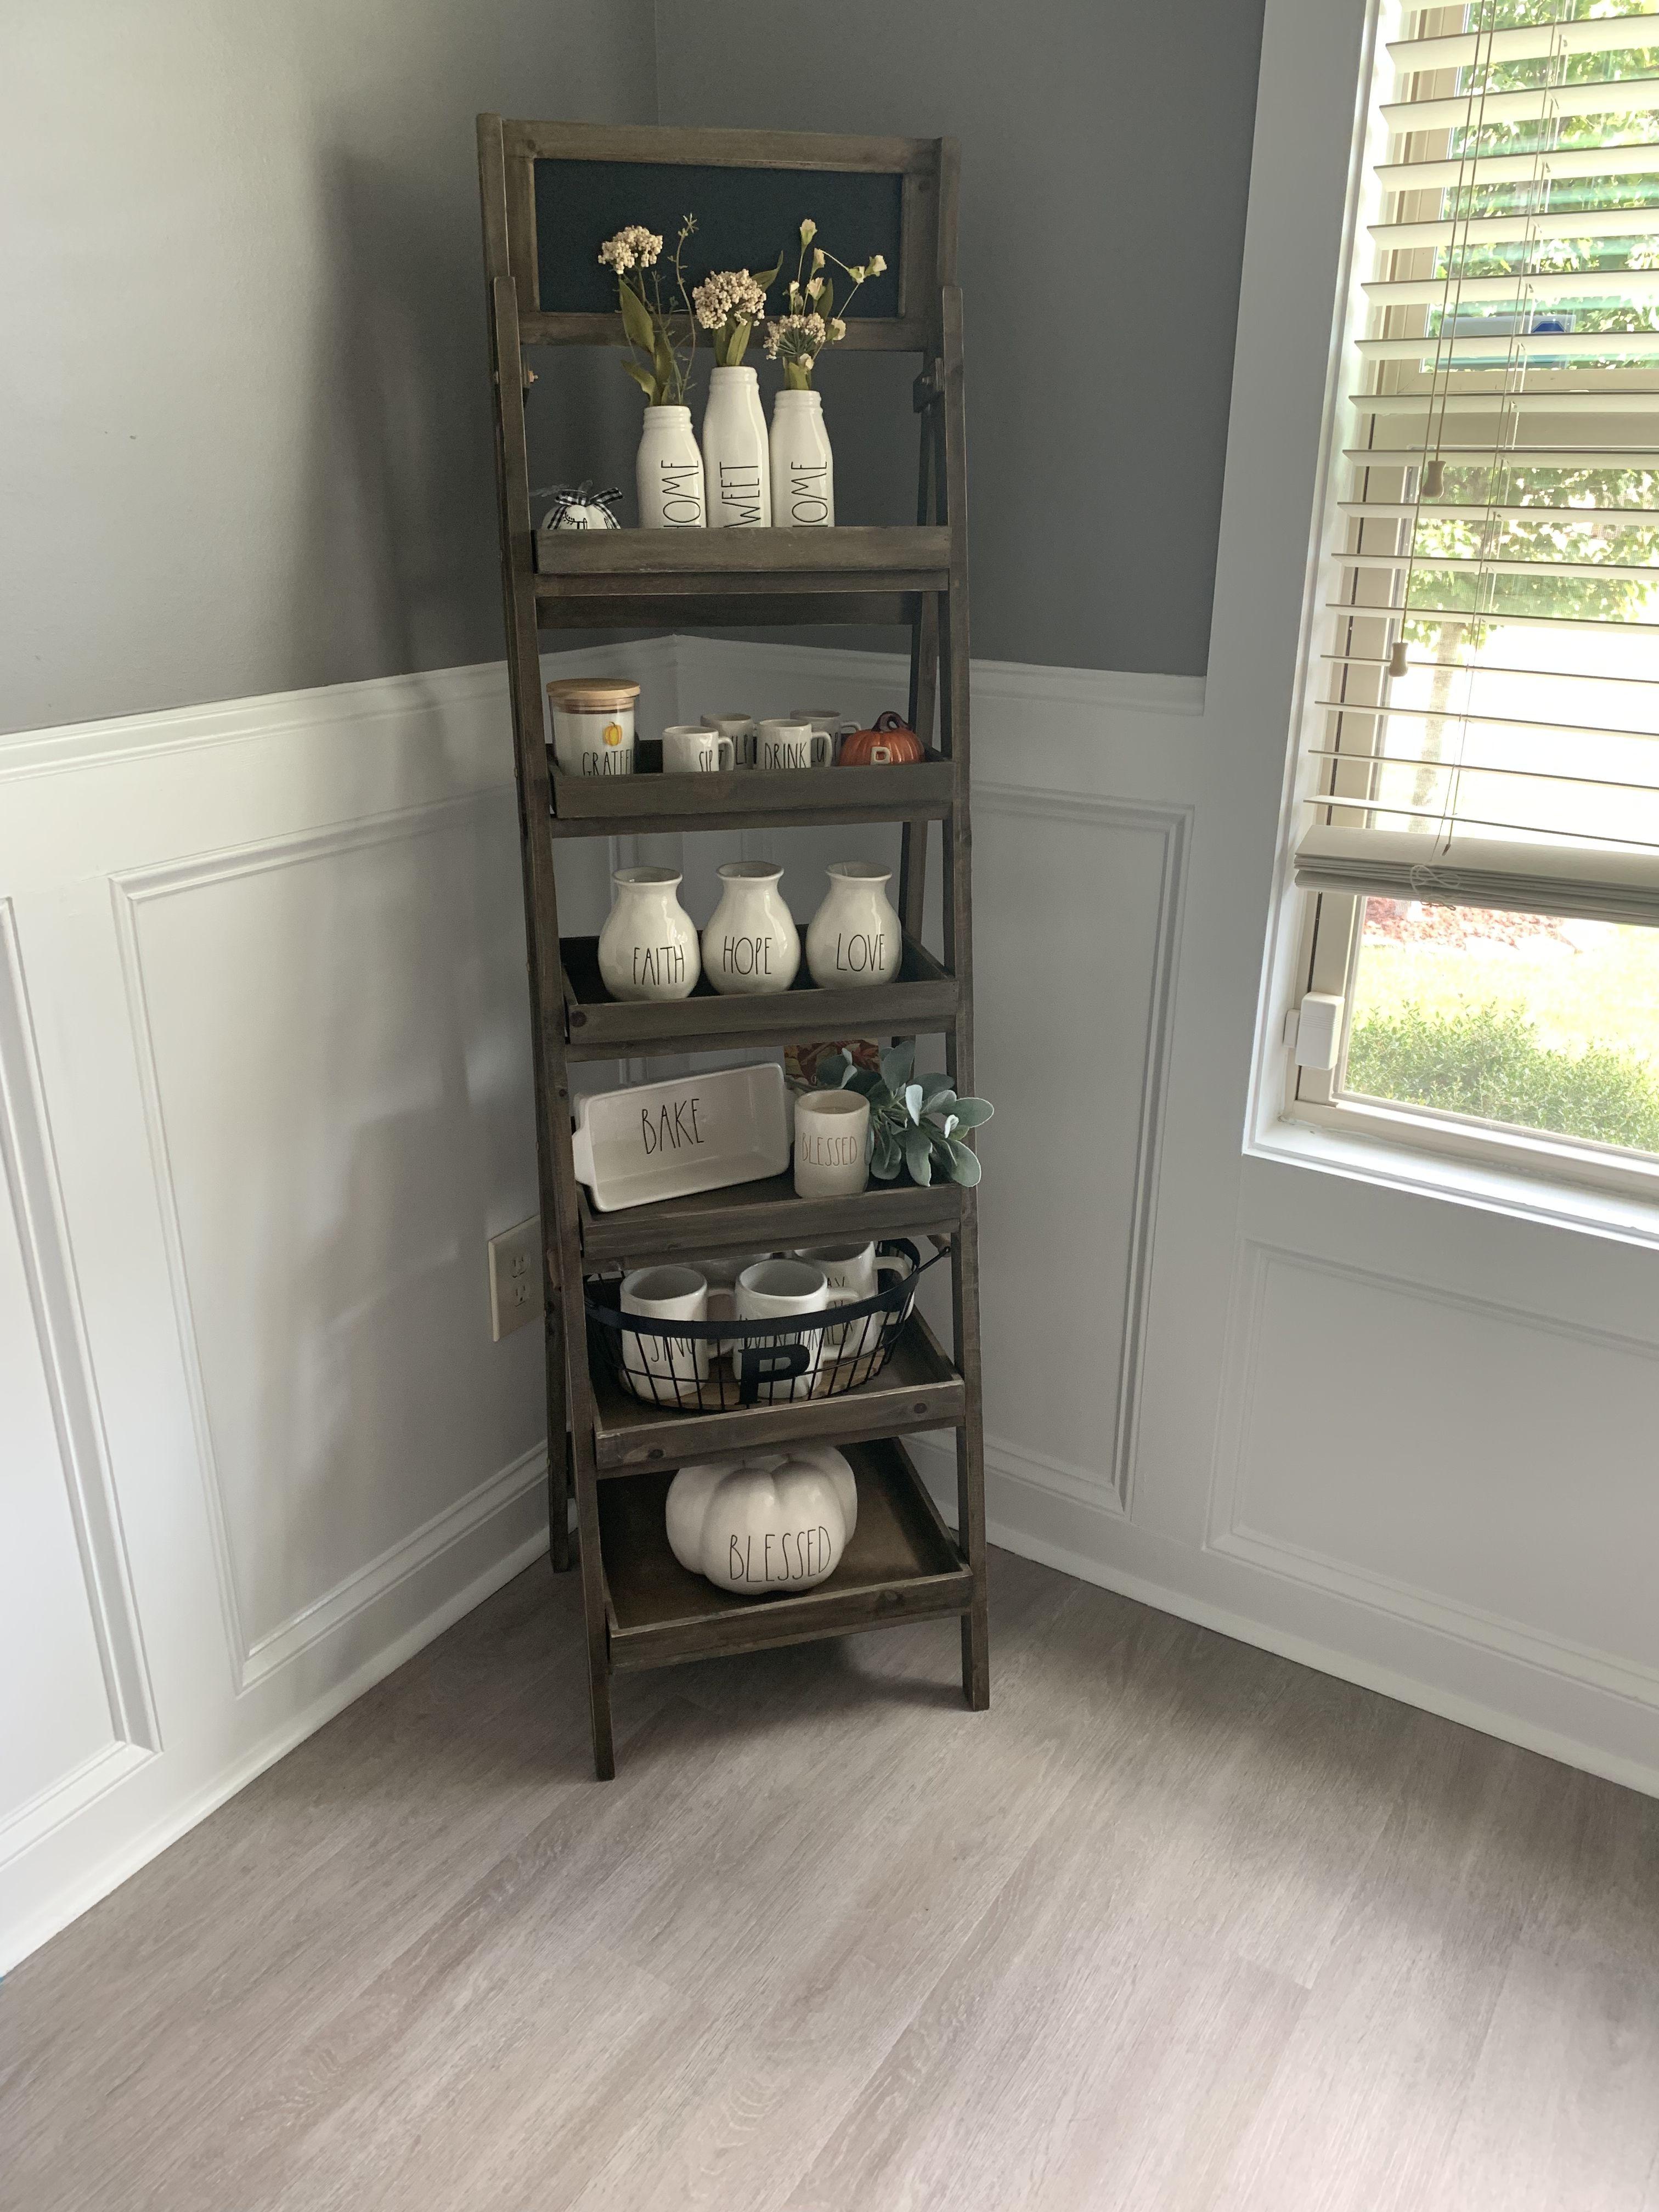 Hobby Lobby Shelf With Rae Dunn Display Bookshelves In Living Room Kitchen Decor Hobby Lobby Shelves